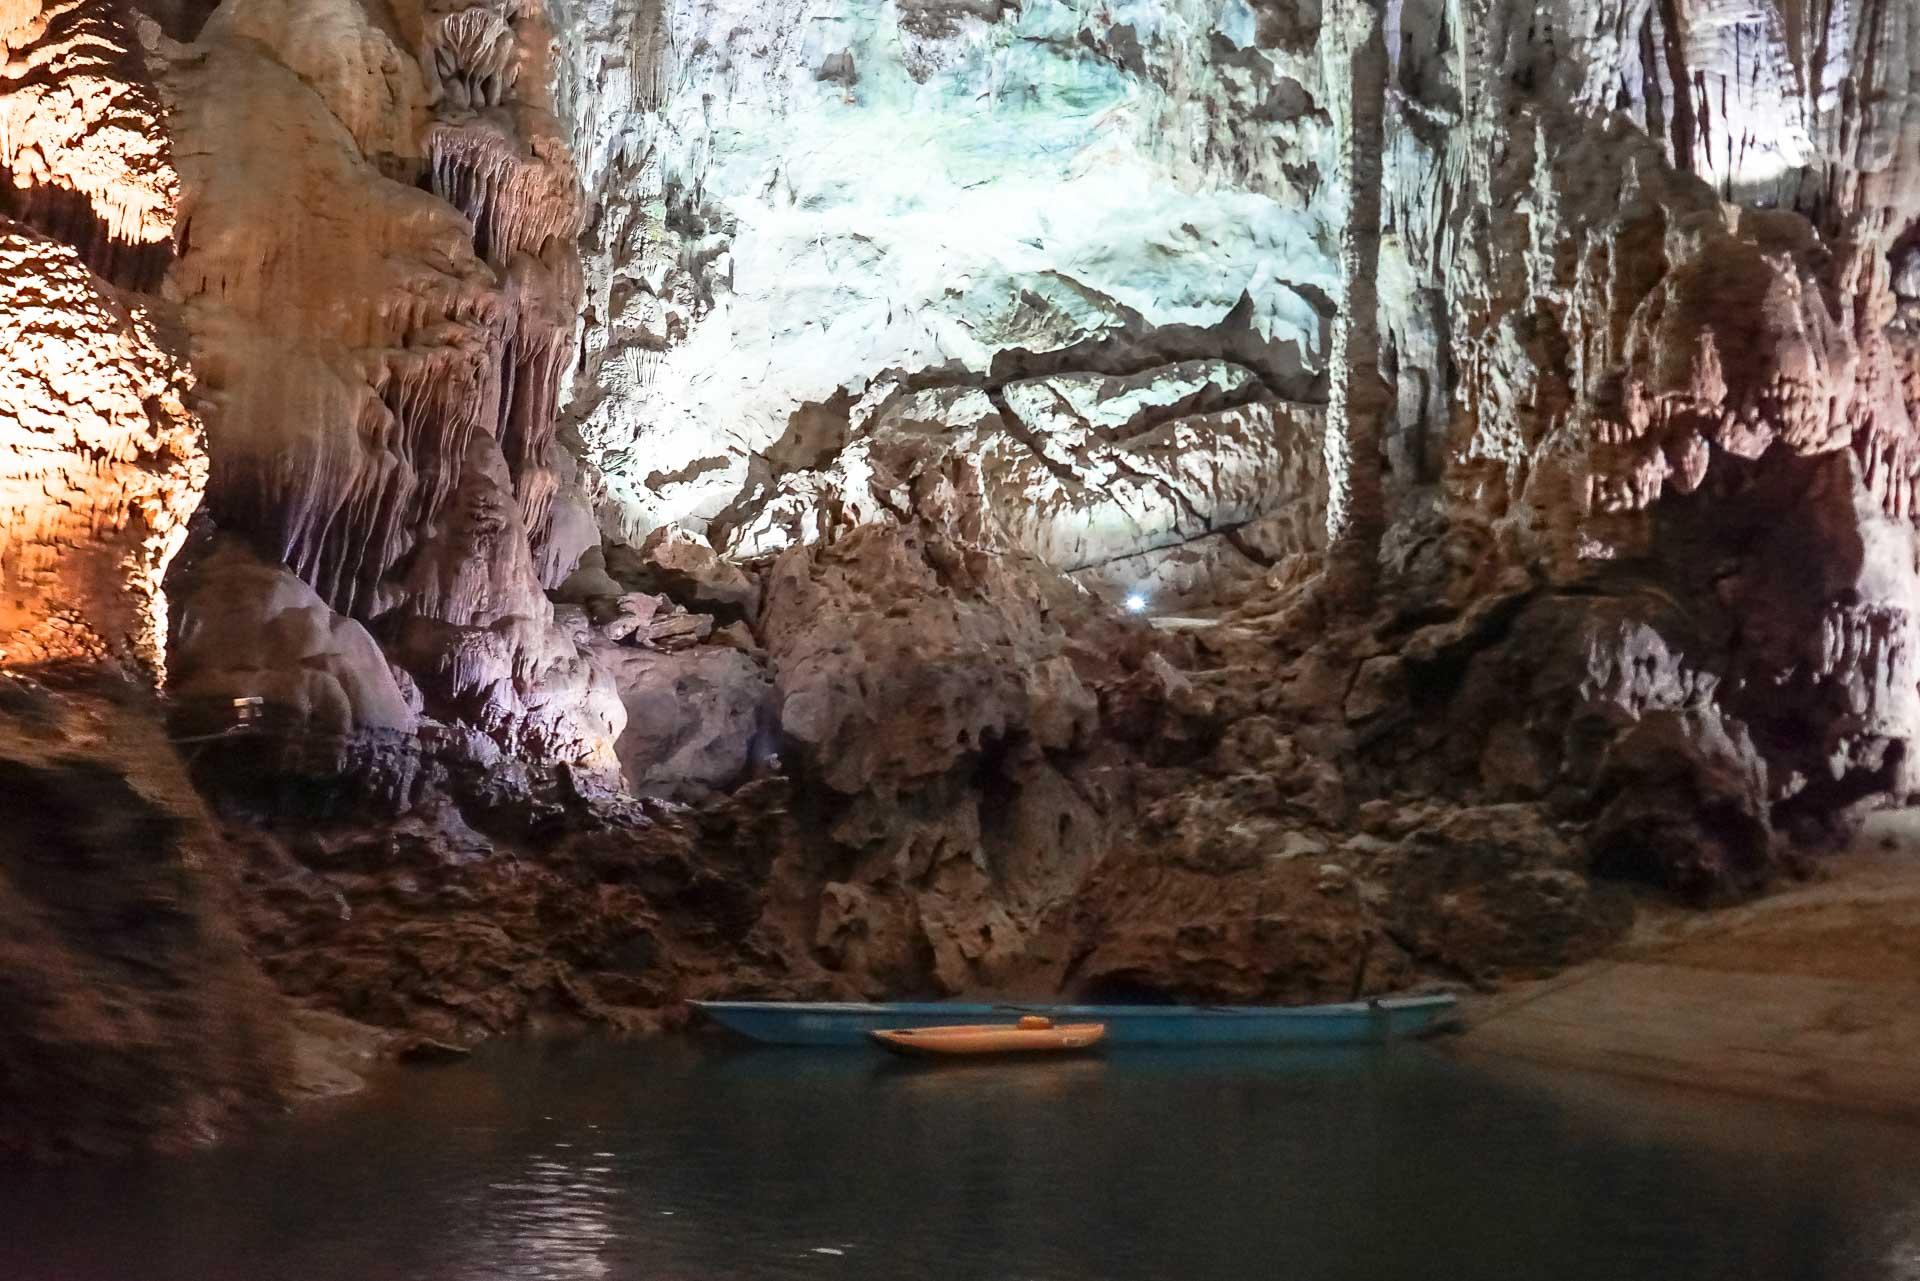 LesVoyageuses-Vietnam-Phong-Nha-Caves-Nature-47